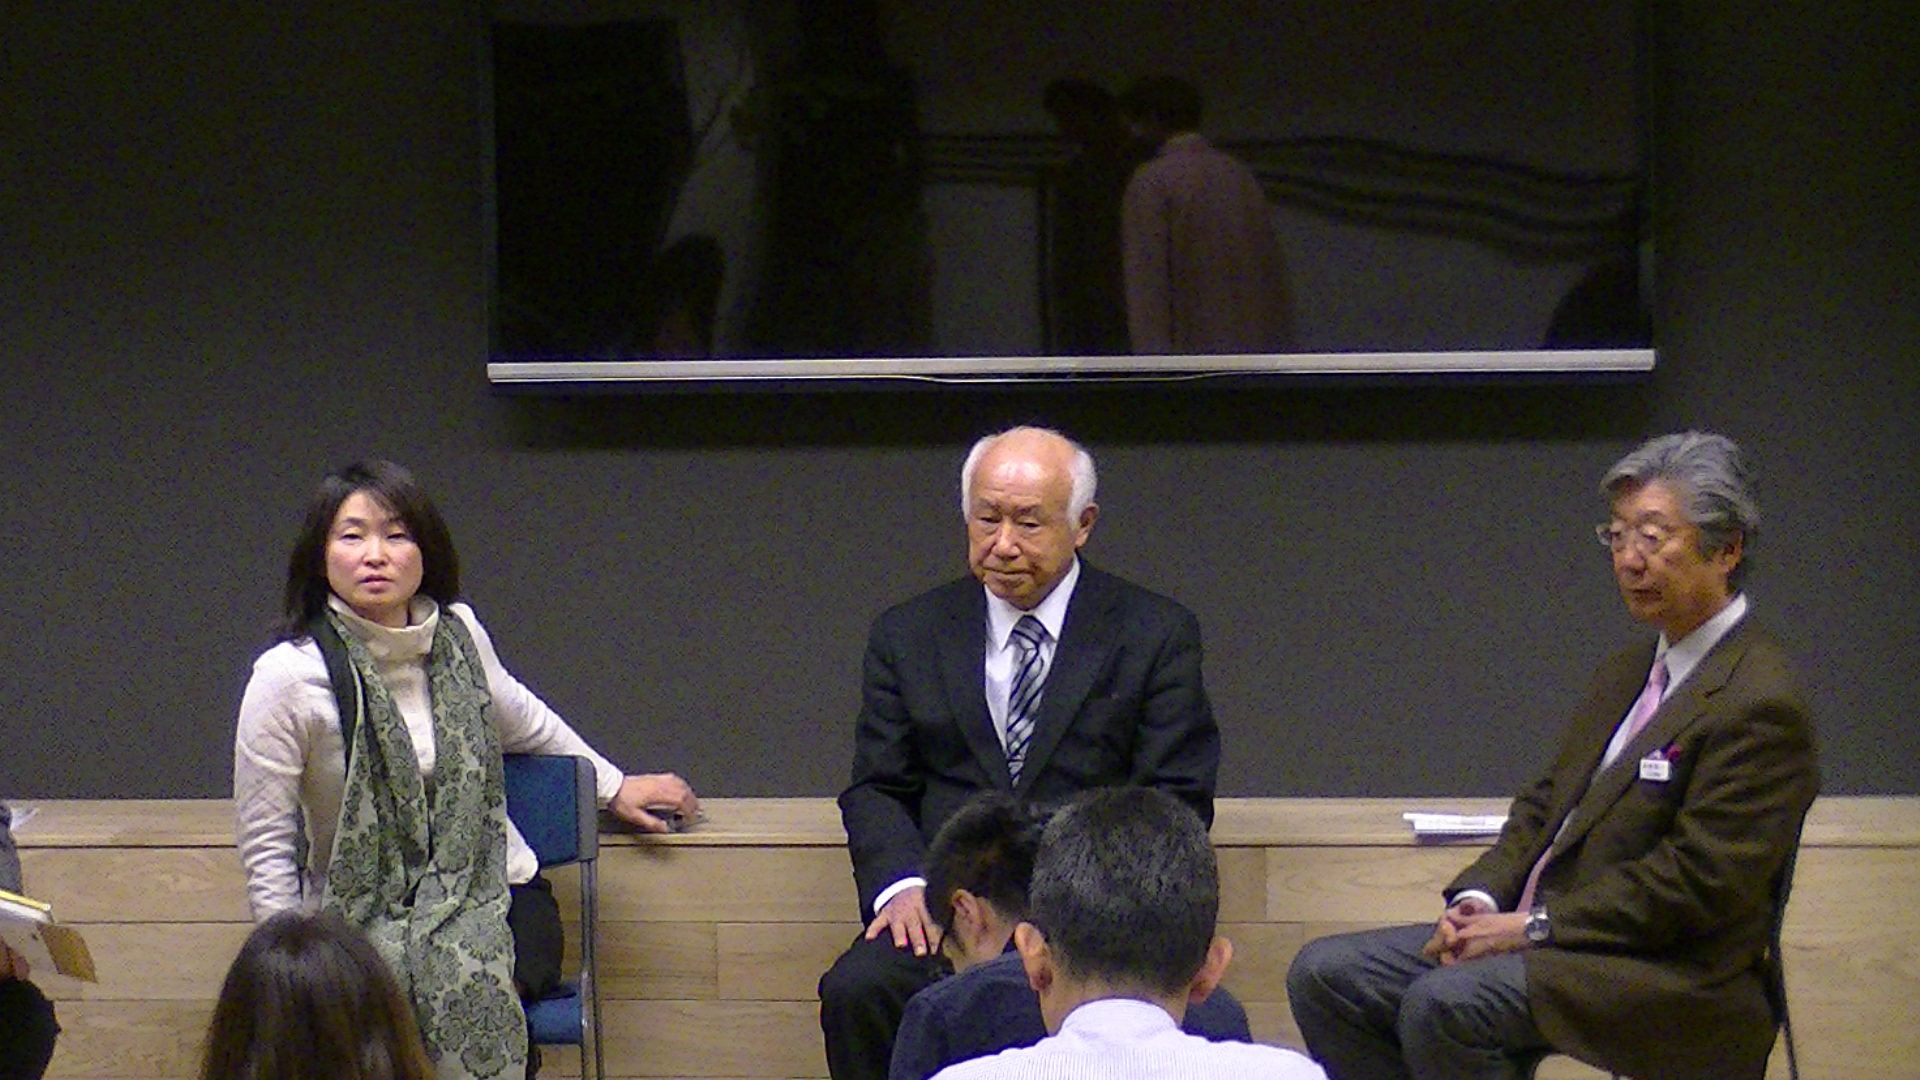 PIC 0542 - 平成30年度 東京思風塾 4月7日(土)「時代が問題をつくり、問題が人物をつくる」